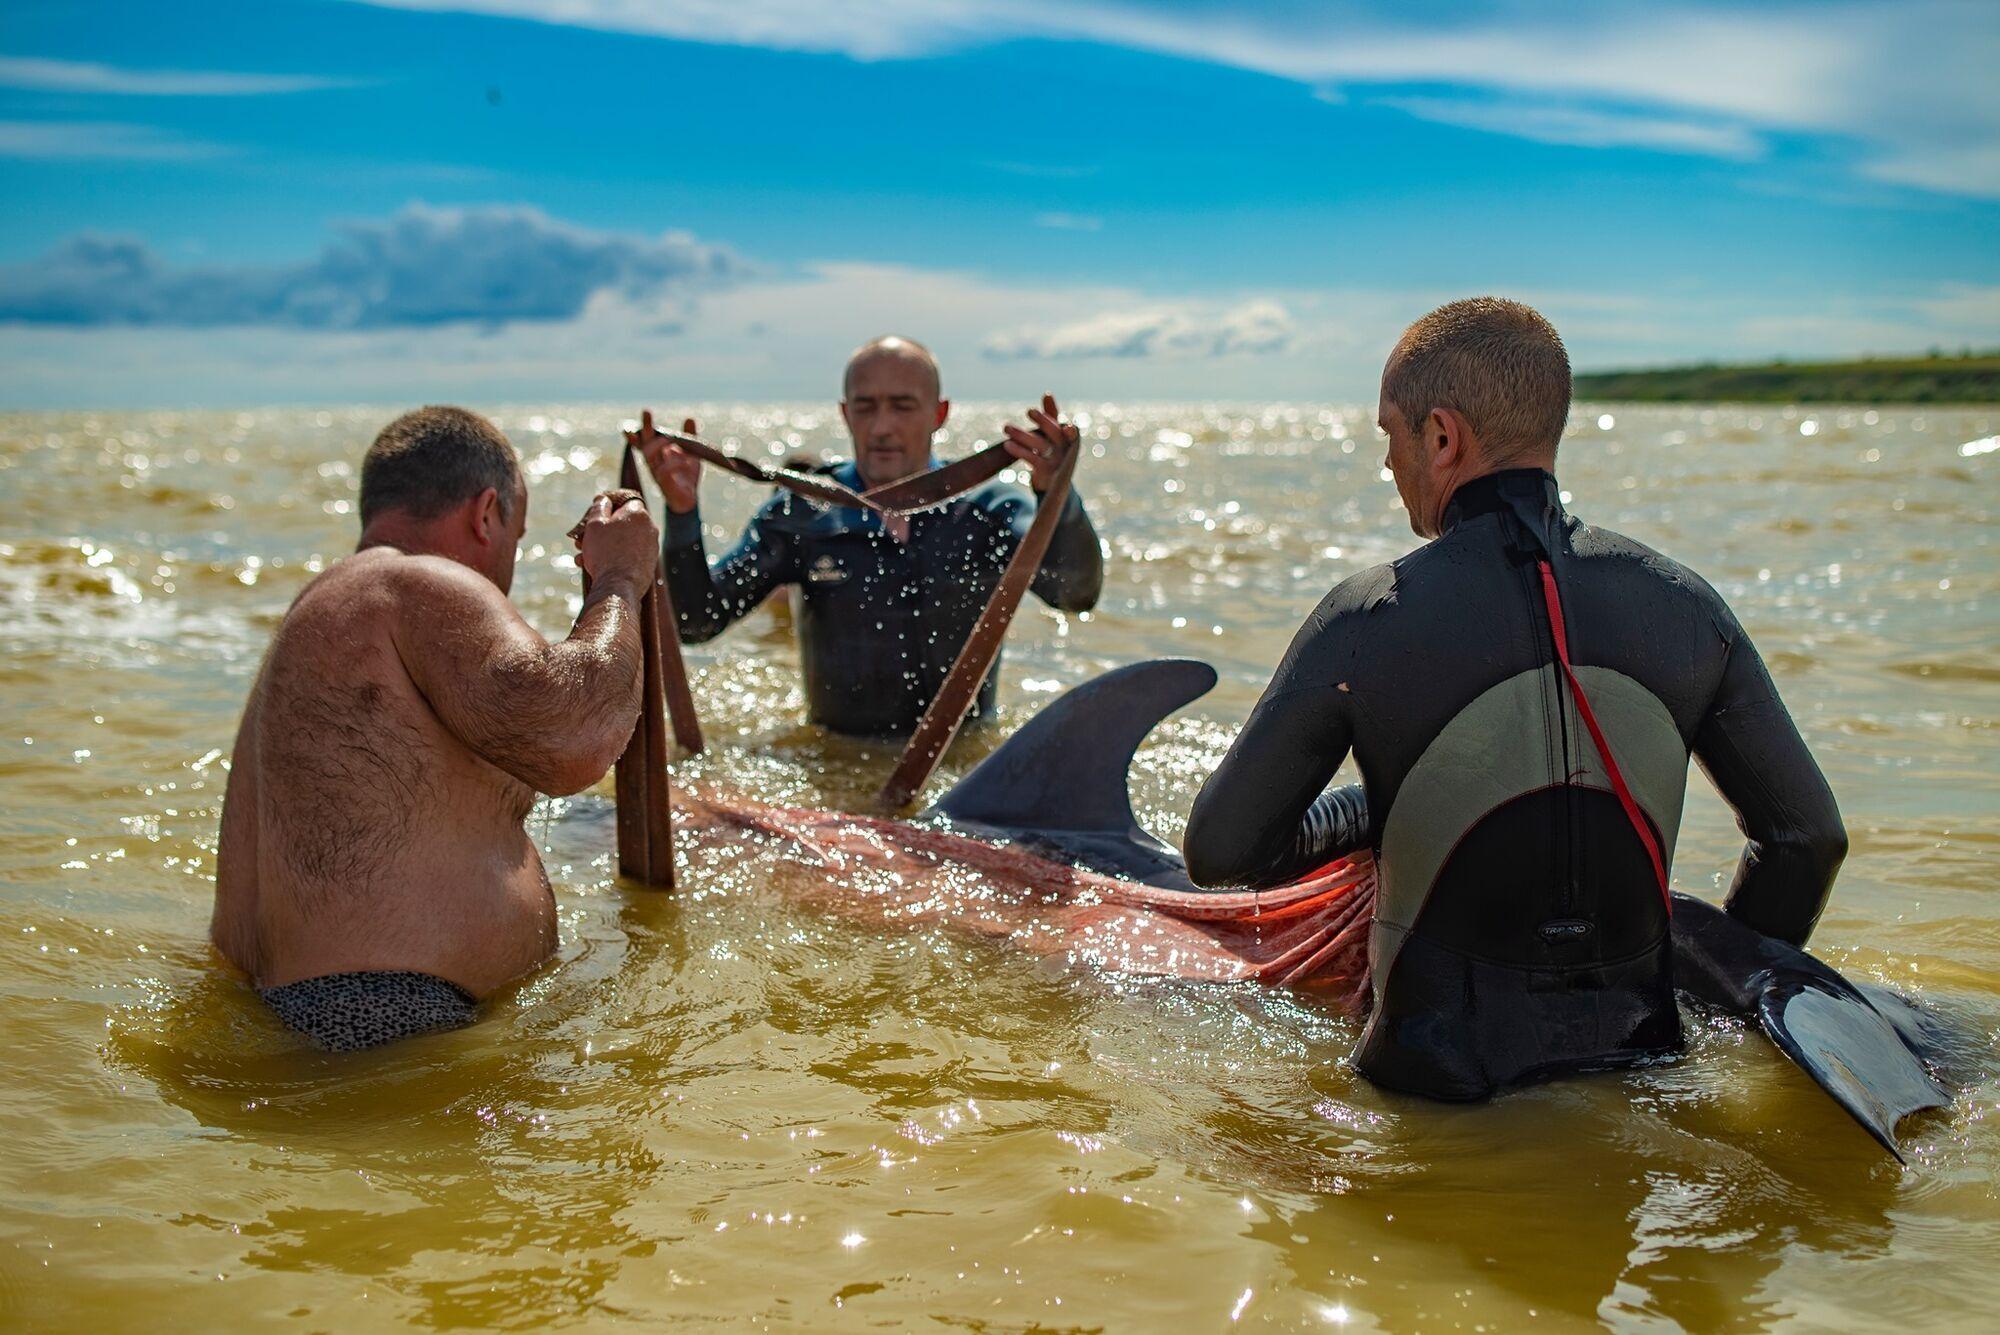 Через полчаса дельфин начал двигать плавниками, открывать глаза и пытаться плыть